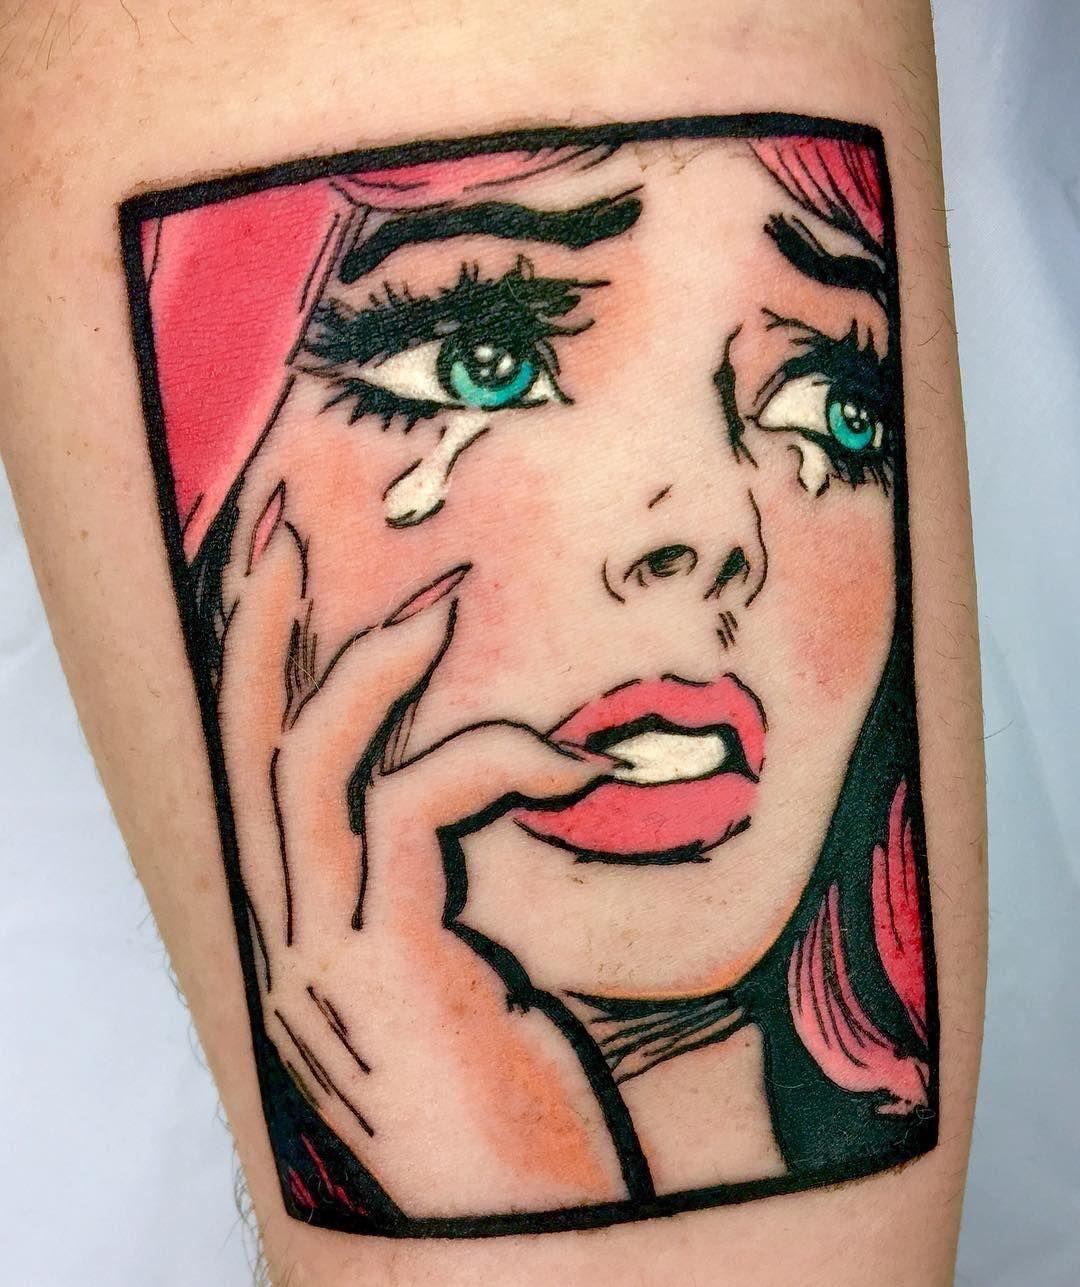 Cool Little Pop Art Piece I Got To Do Before Christmas Beautytatoos Pop Art Tattoos Cartoon Tattoos Cool Tattoos